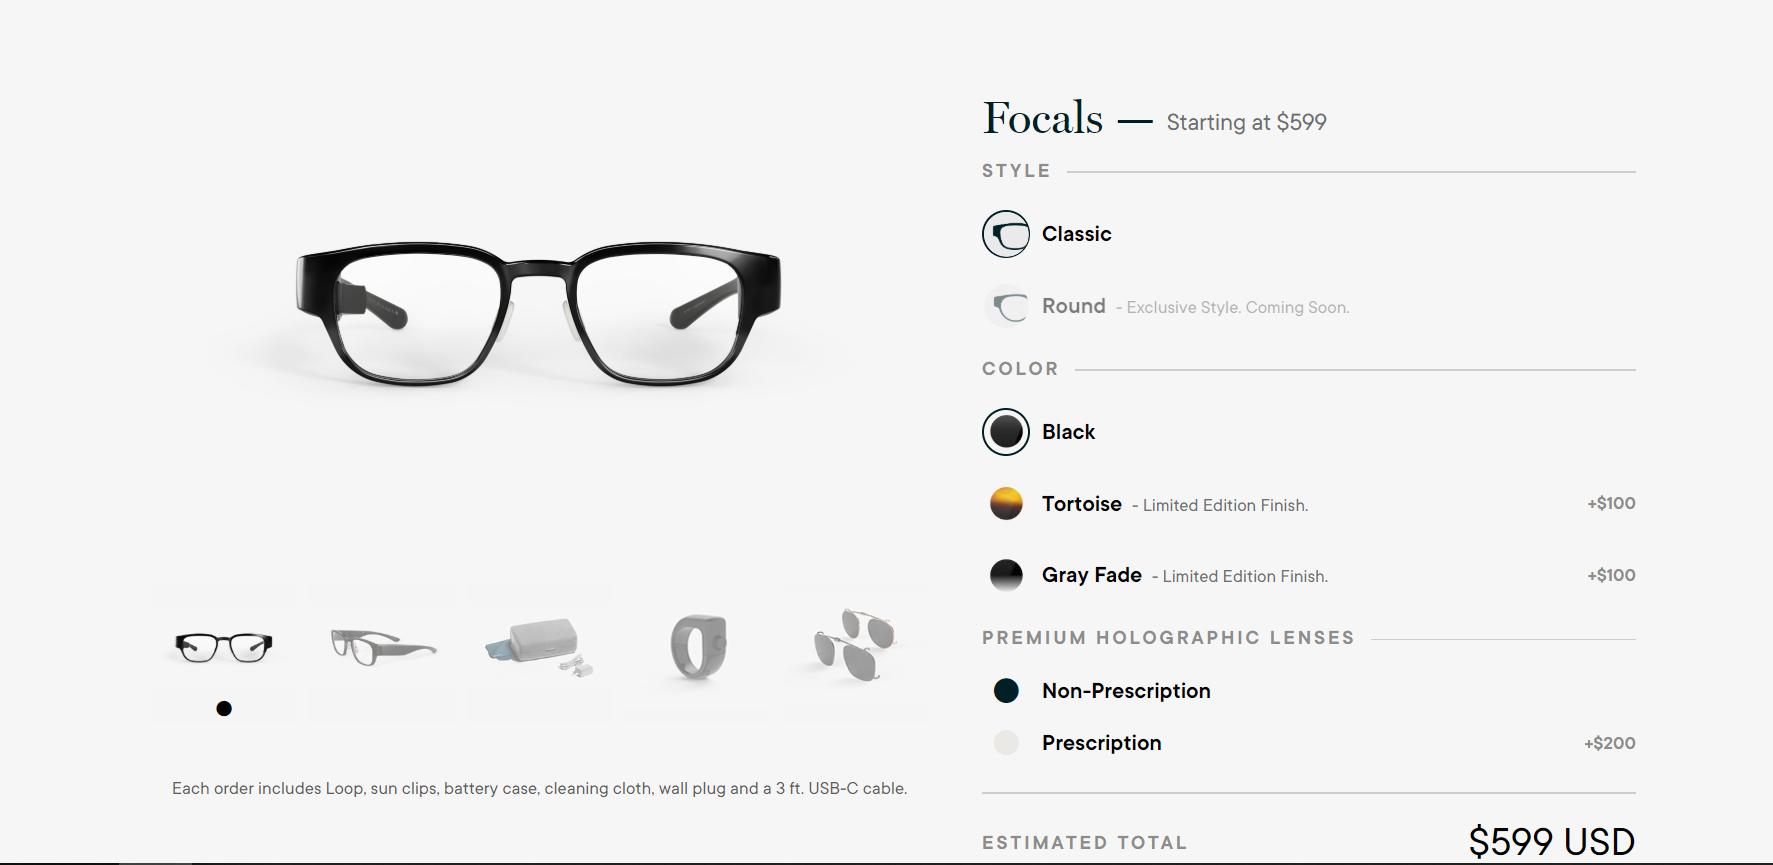 North baja el precio de sus gafas inteligentes Focals